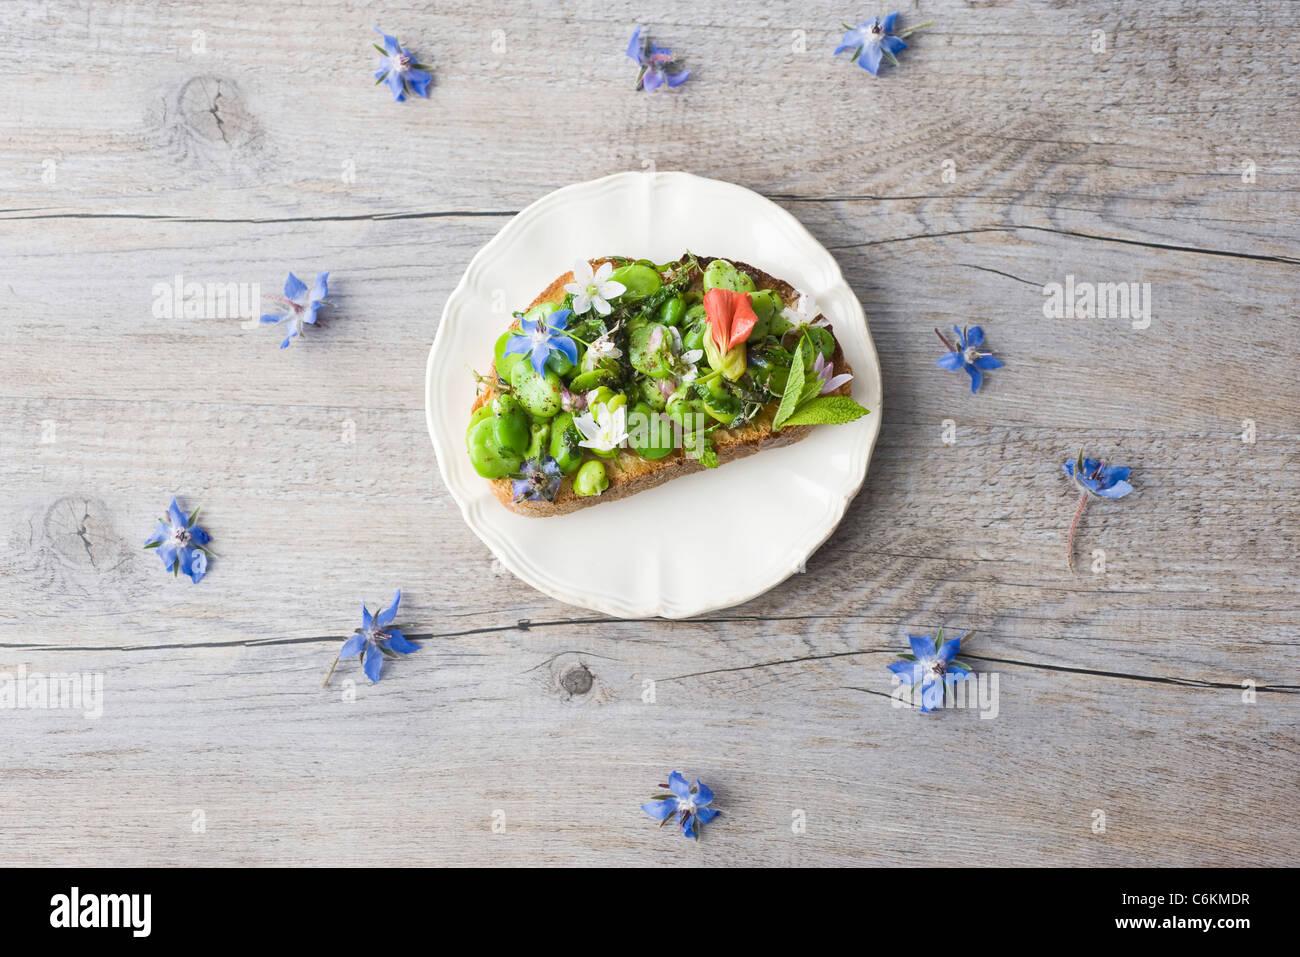 Bohne und Kraut Tartines mit Wildblumen Stockbild